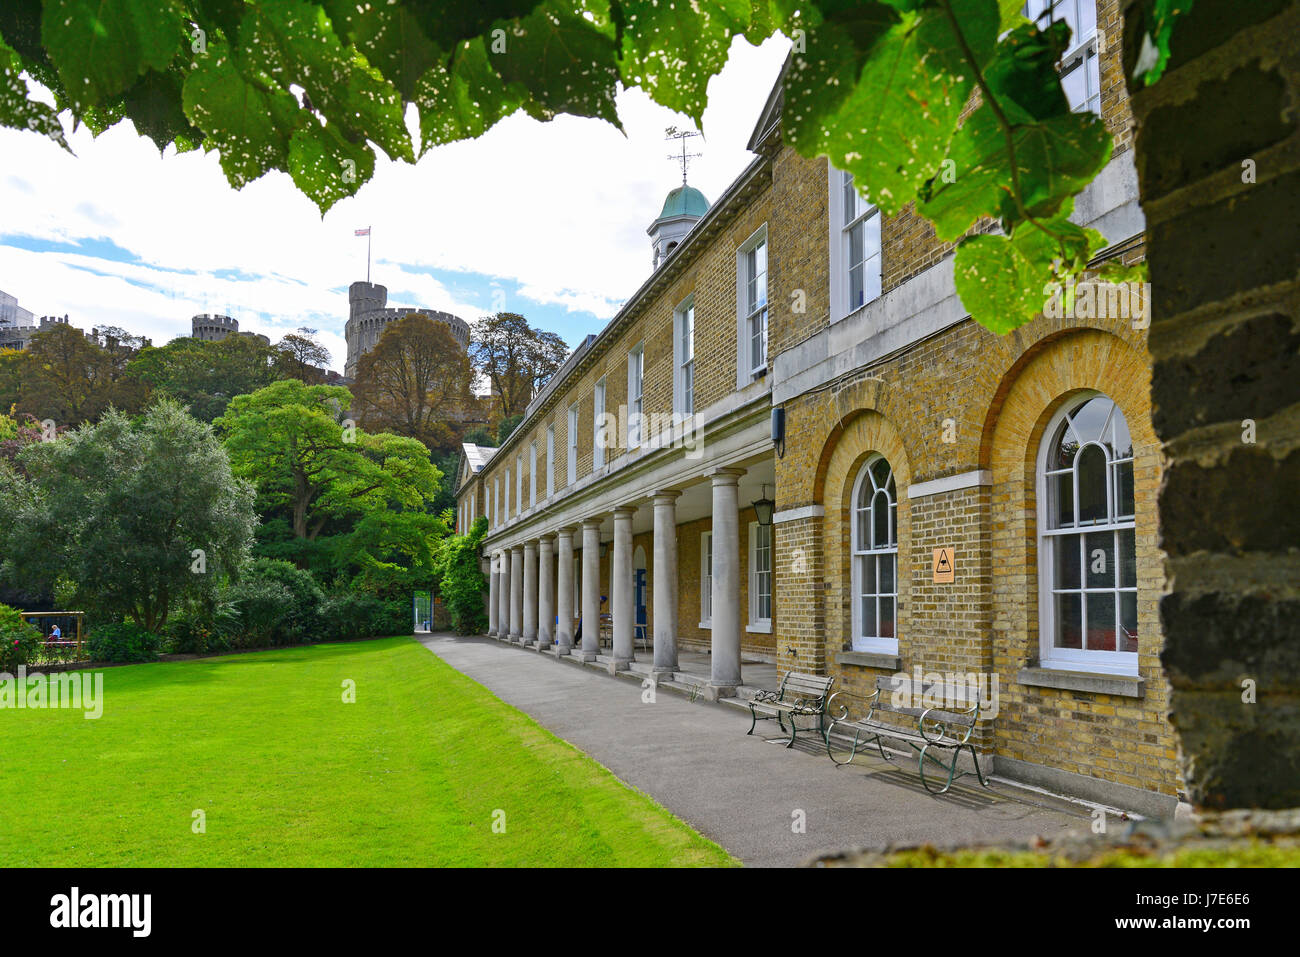 St George's School Windsor Castle, Datchet Road, Windsor, Berkshire, England, United Kingdom - Stock Image